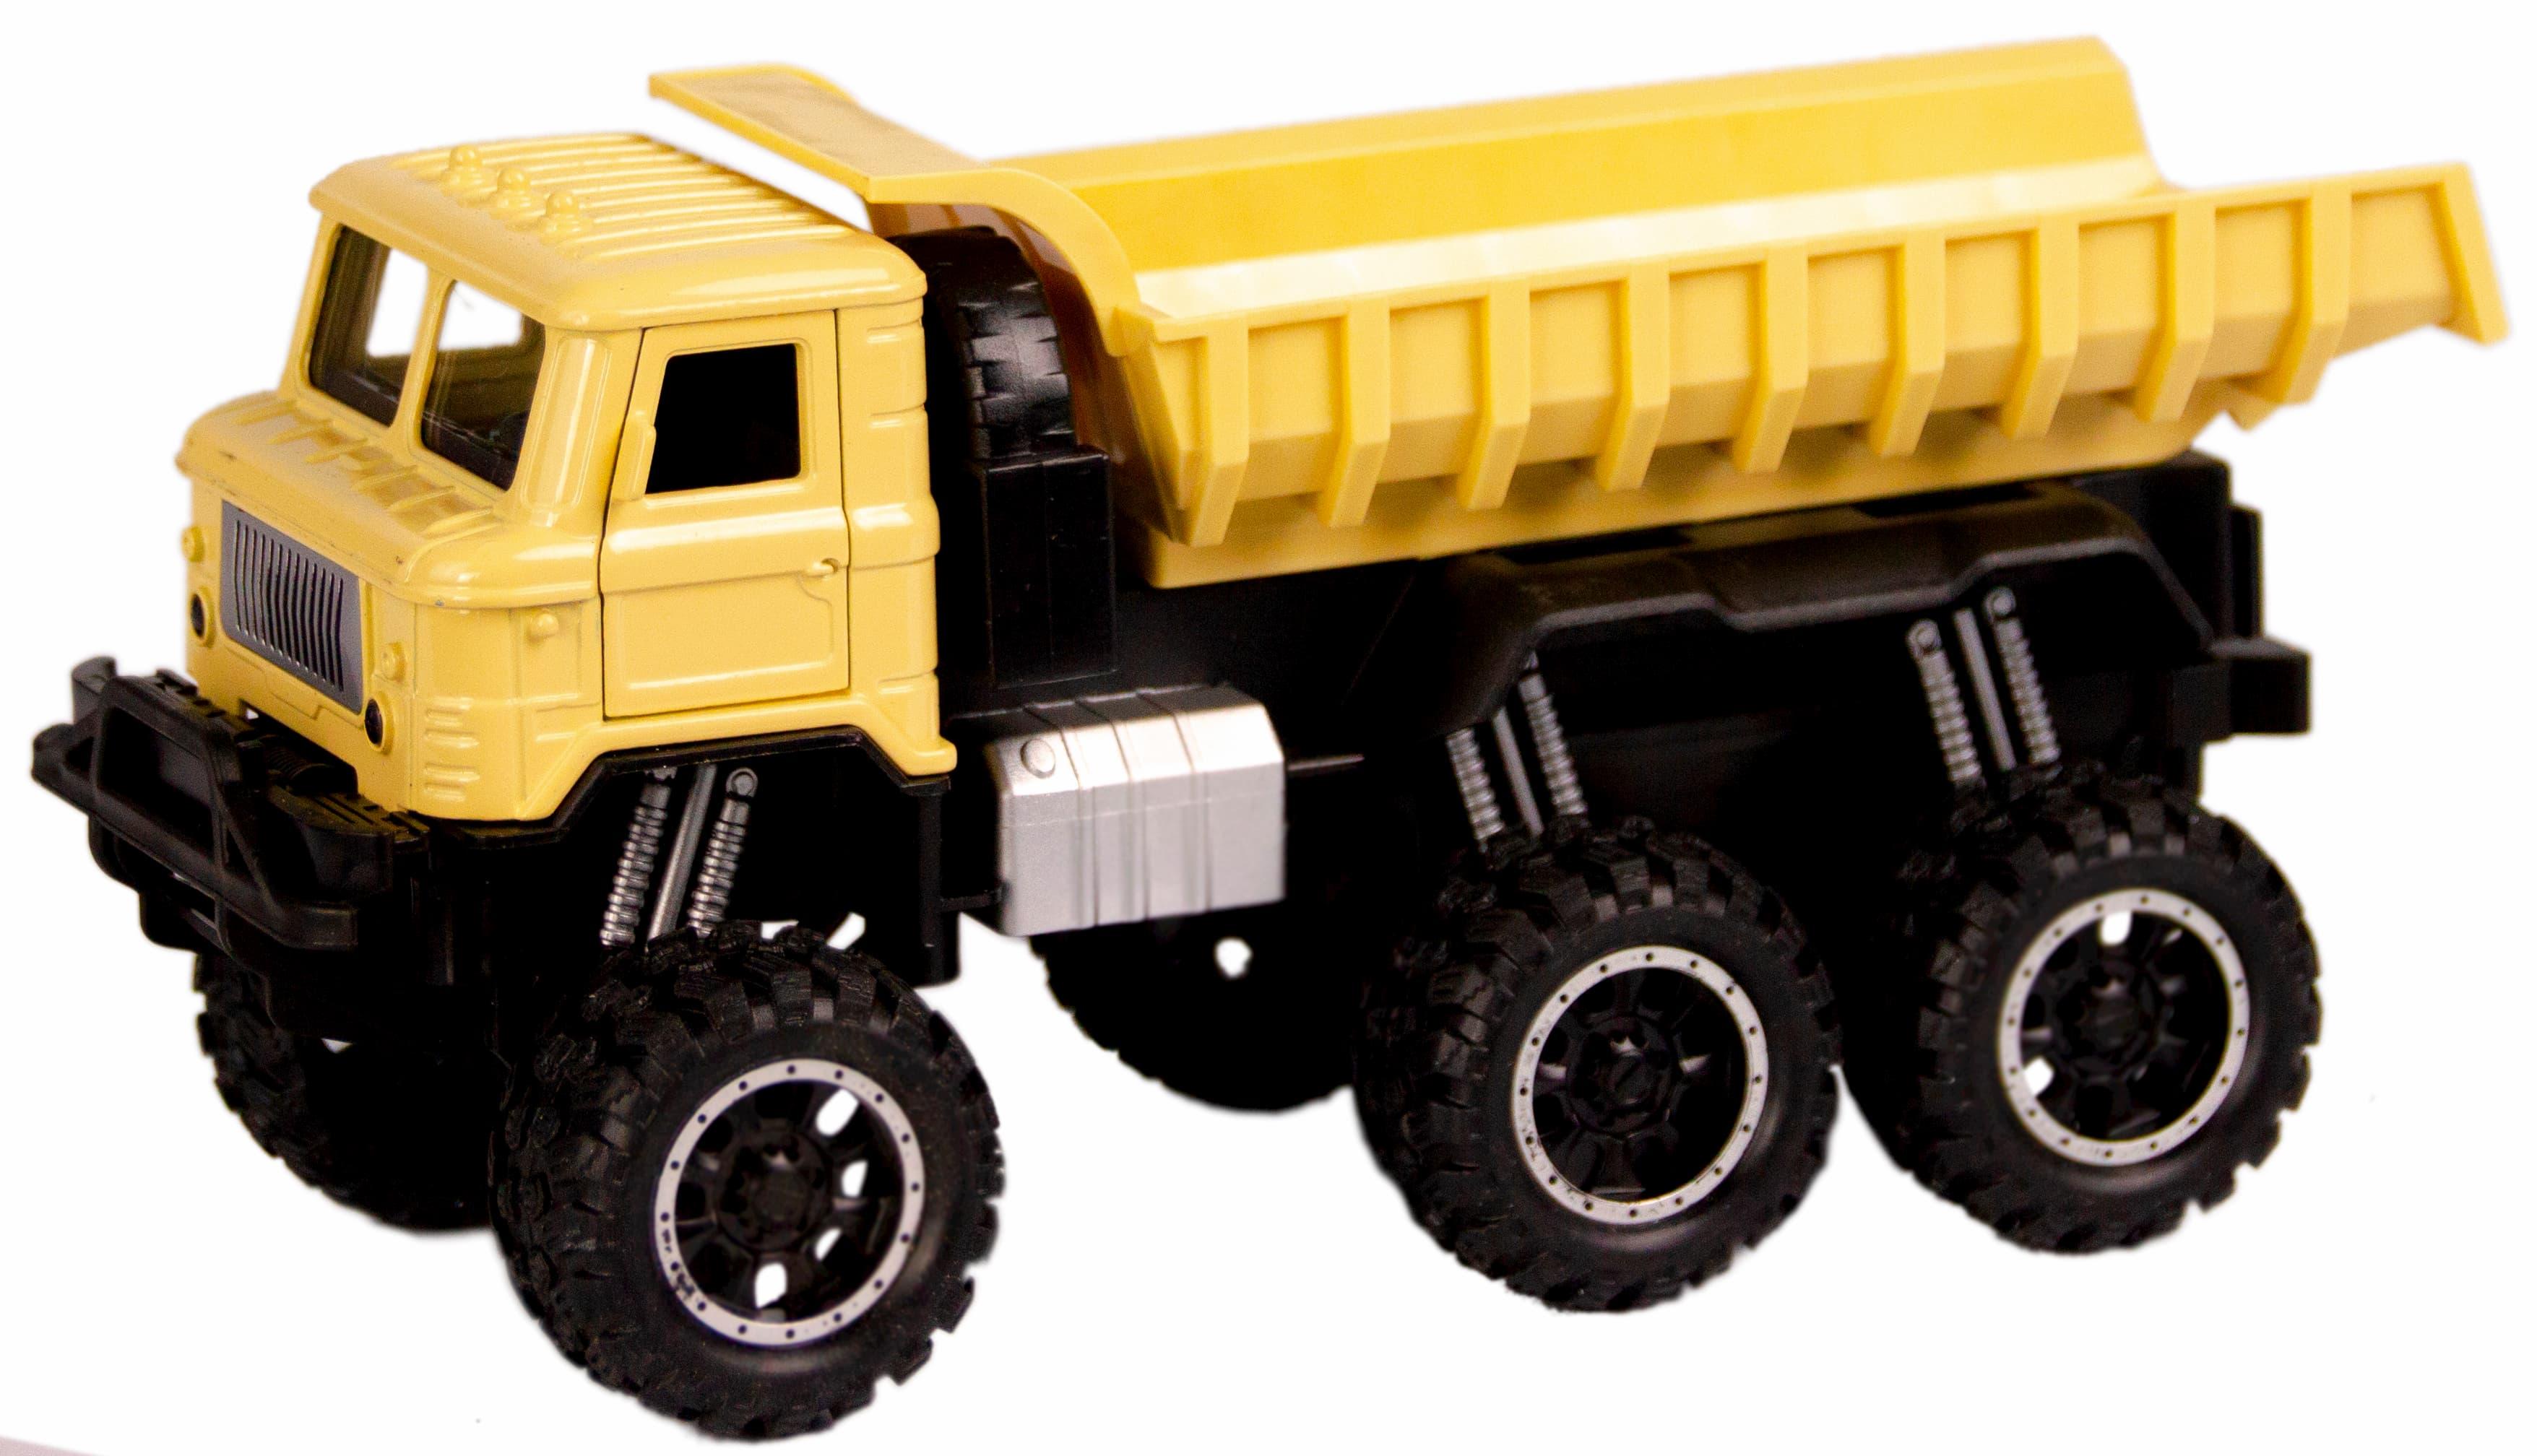 Металлическая машинка WGT Car 1:32 «Грузовик ГАЗ-66: внедорожник самосвал» 2216-15BA, Свет, Звук / Песочный